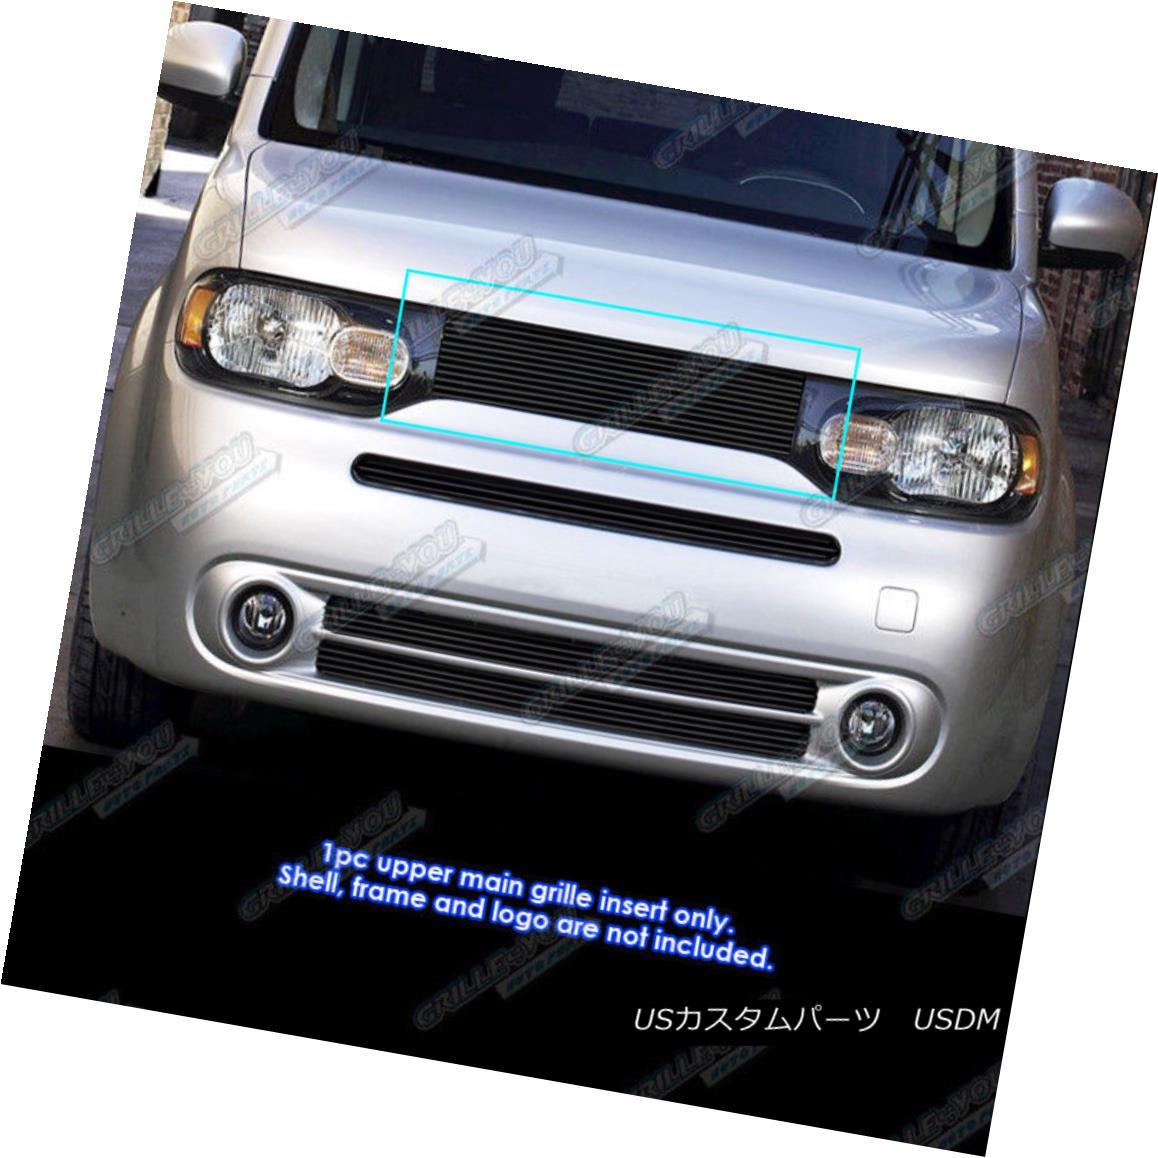 グリル Fits 2009-2014 Nissan Cube Black Main Upper Billet Grille Grill Insert フィット2009-2014日産キューブブラックメインアッパービレットグリルグリルインサート